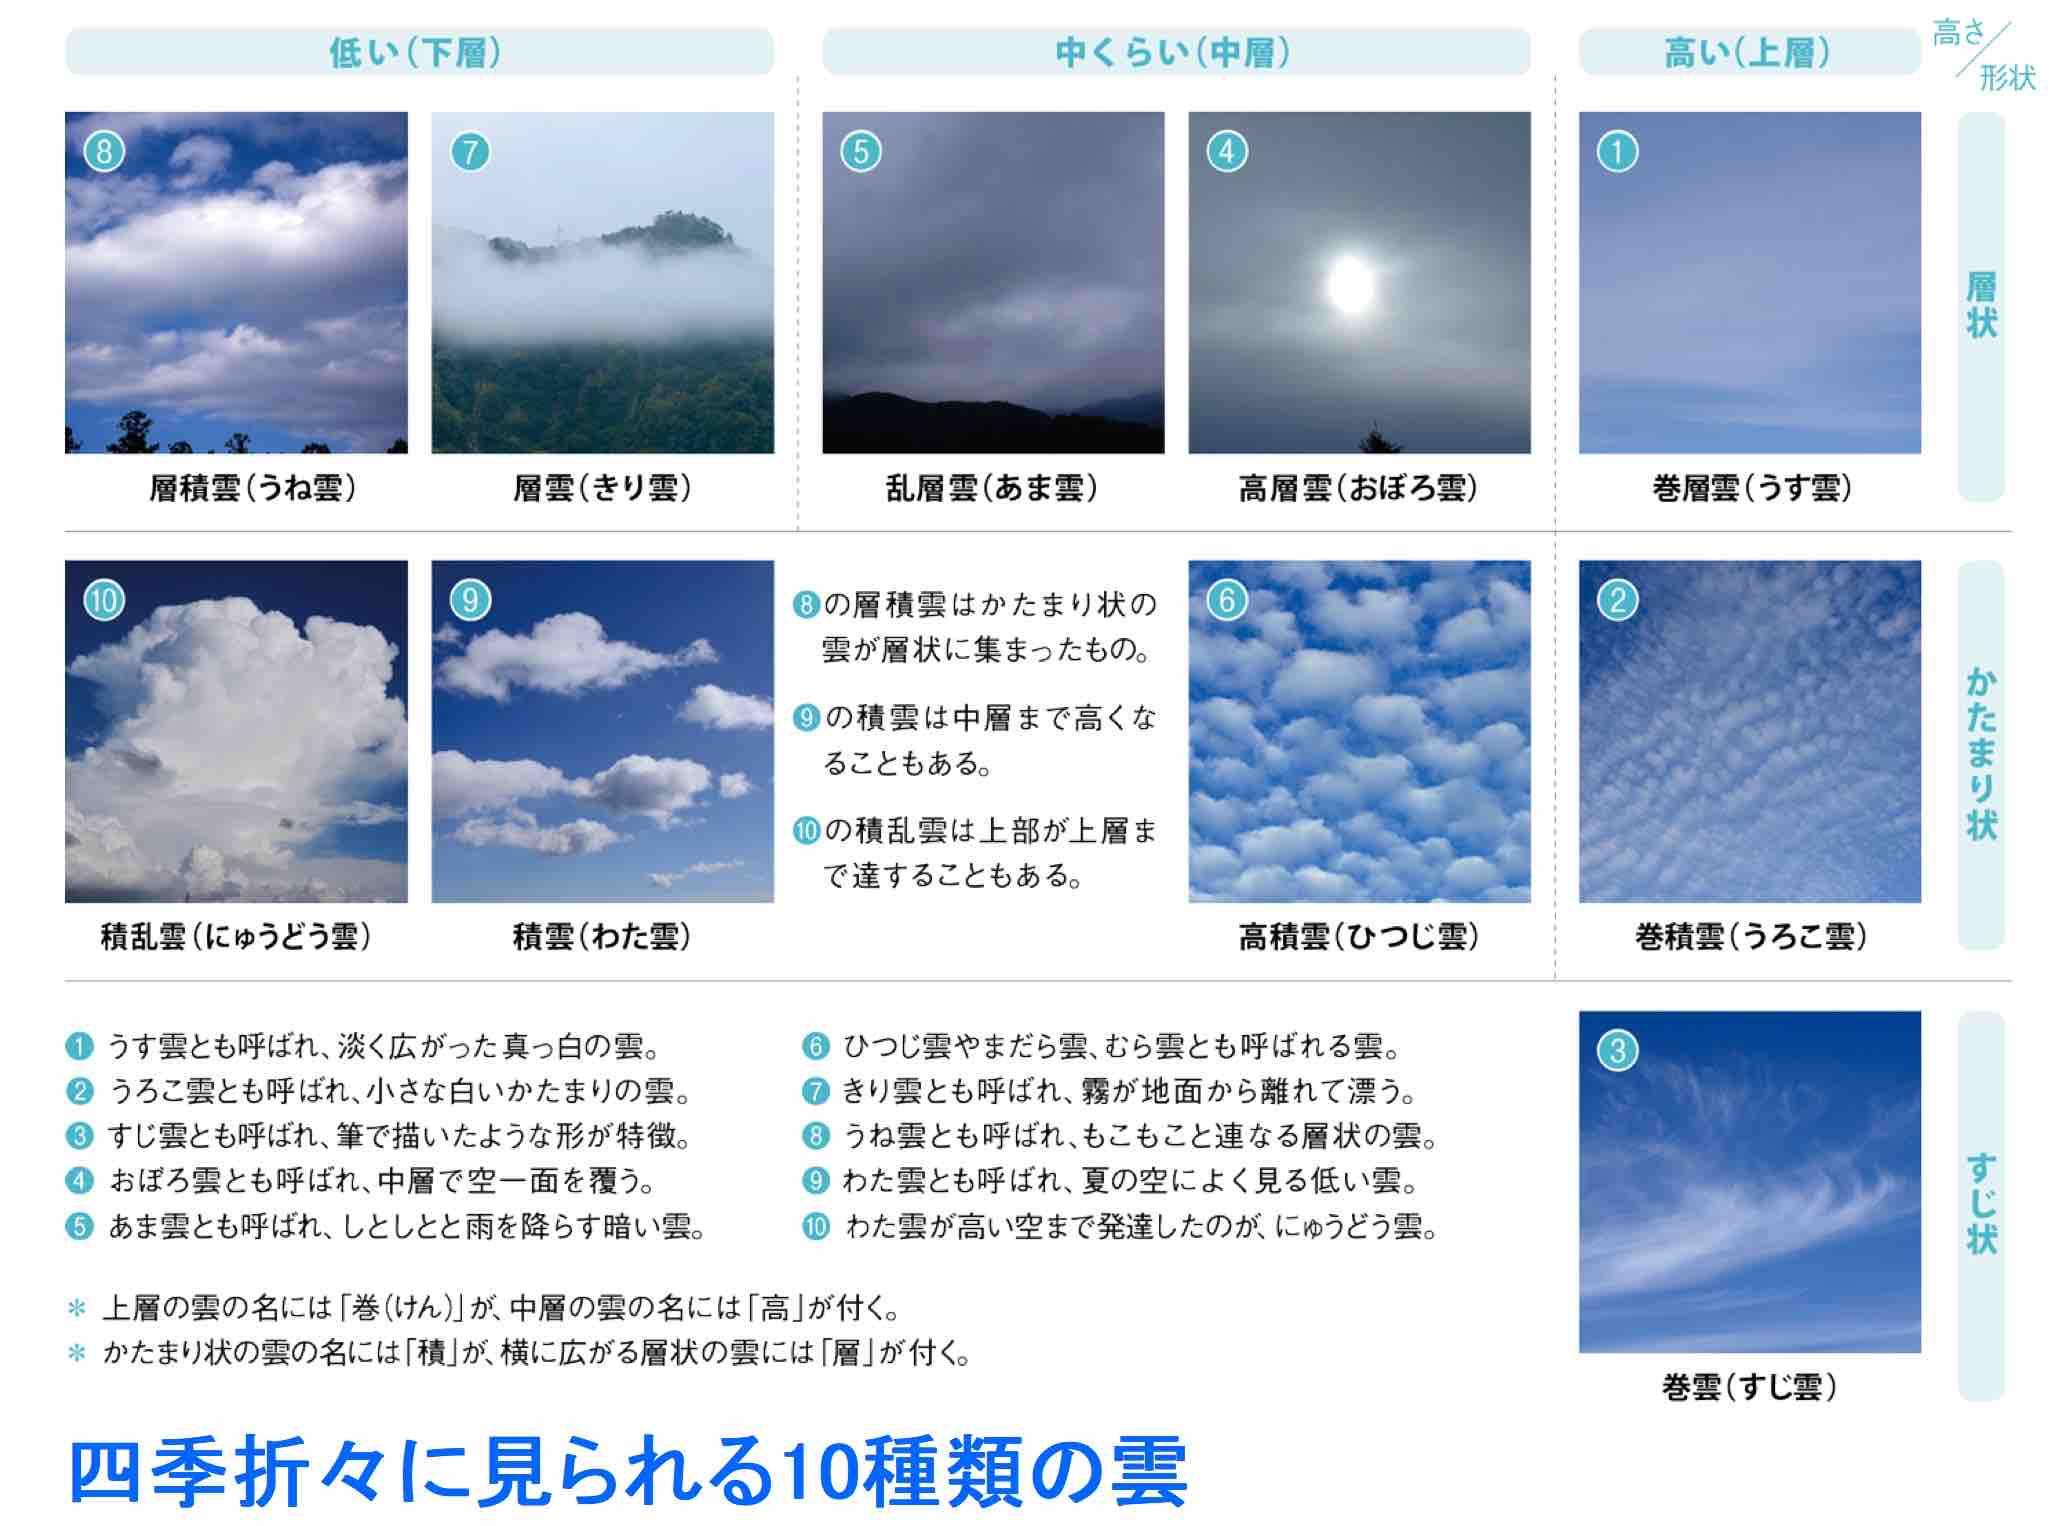 たのしい雲の観察b